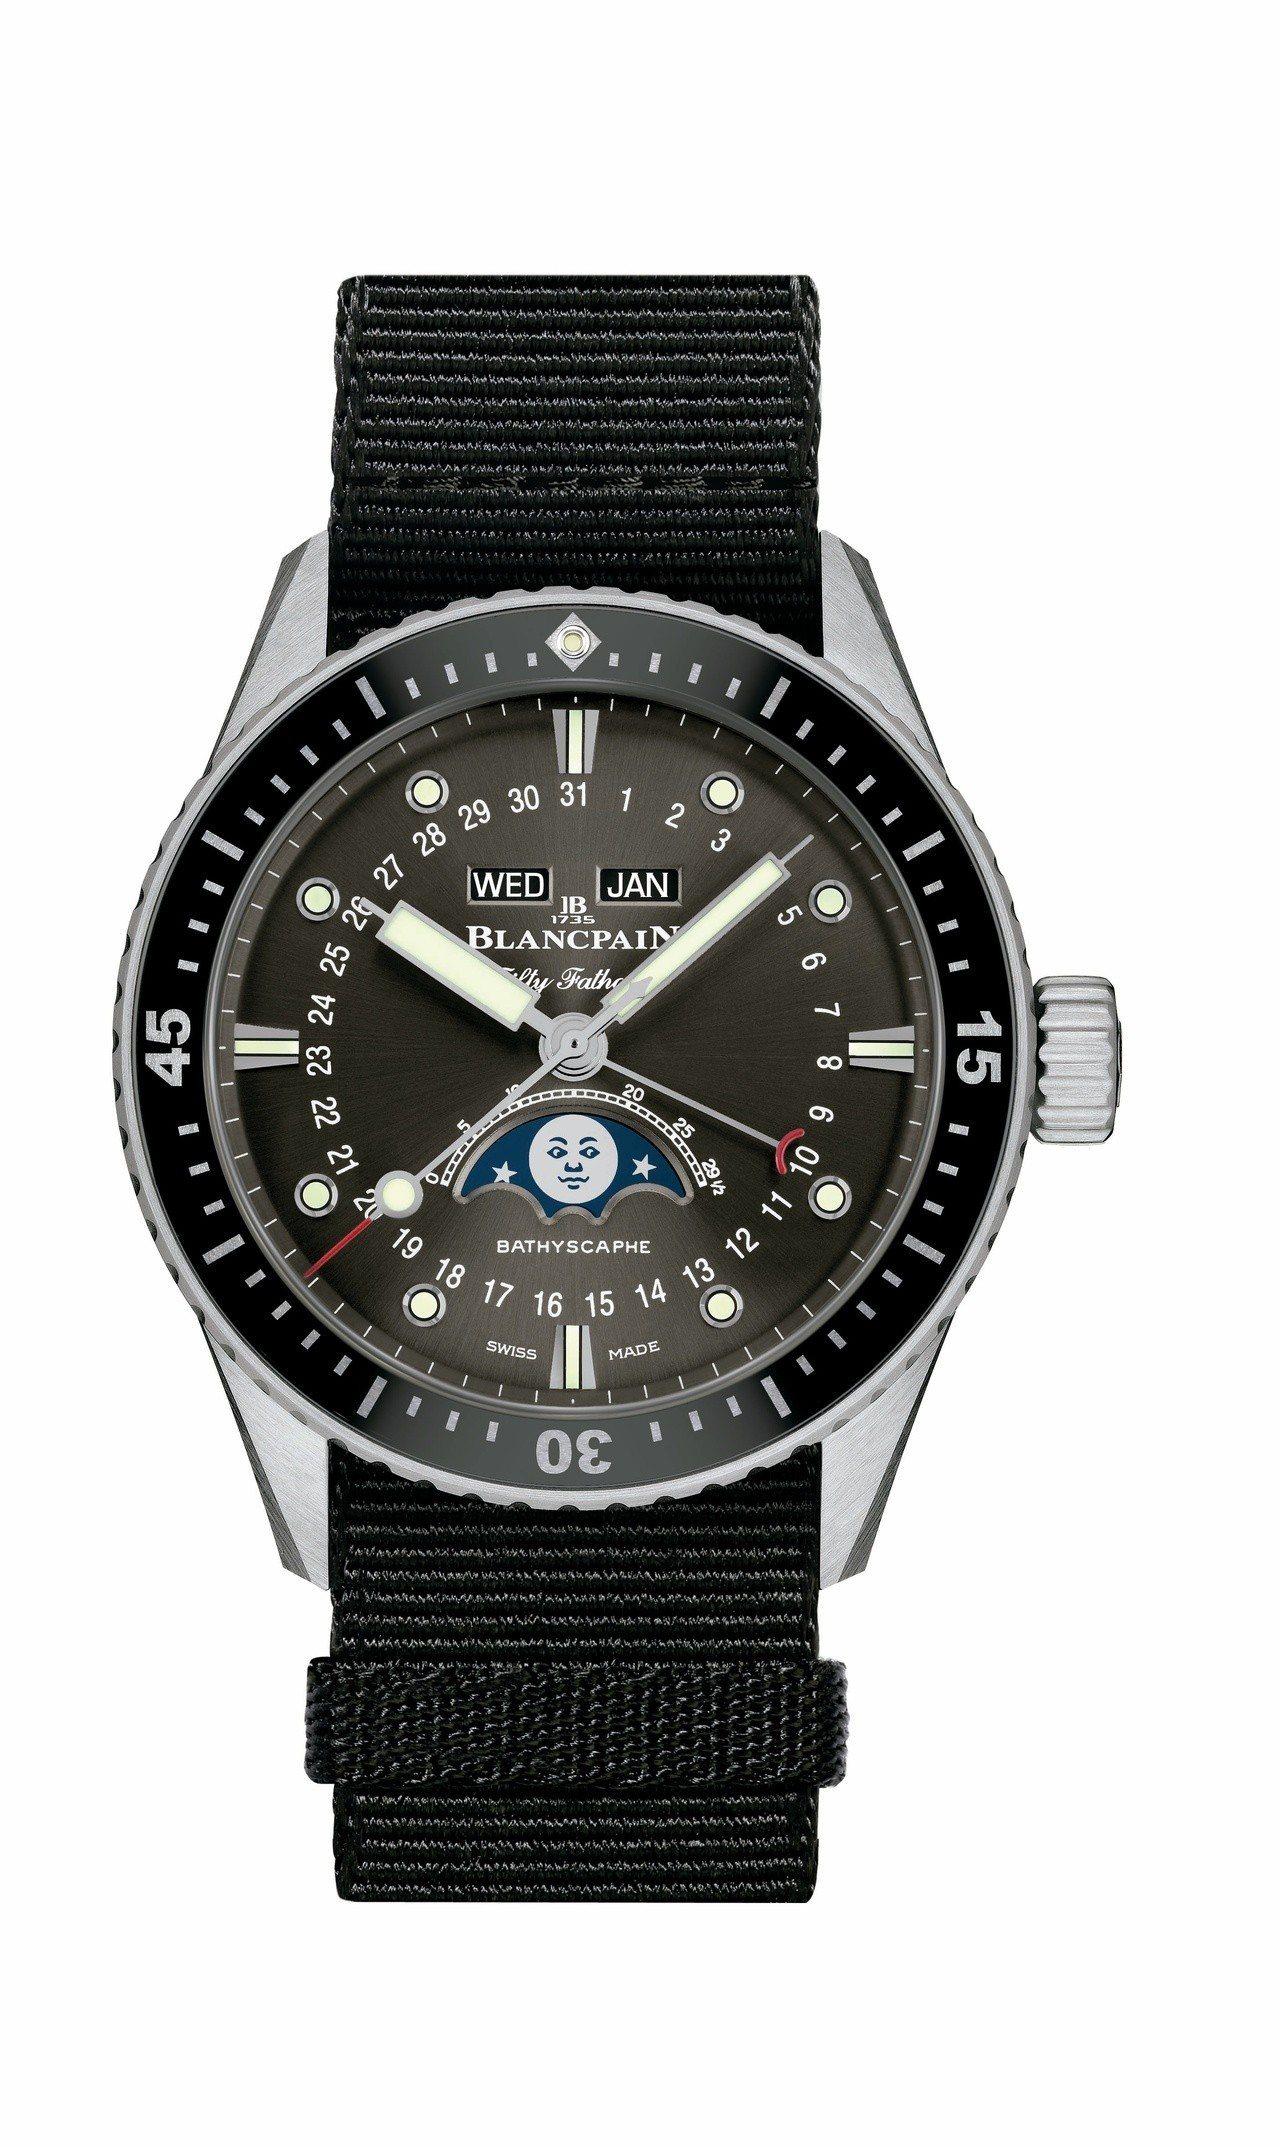 Blancpain五十噚深潛器全曆月相腕表,不鏽鋼表殼搭配單向旋轉不鏽鋼表圈,約...